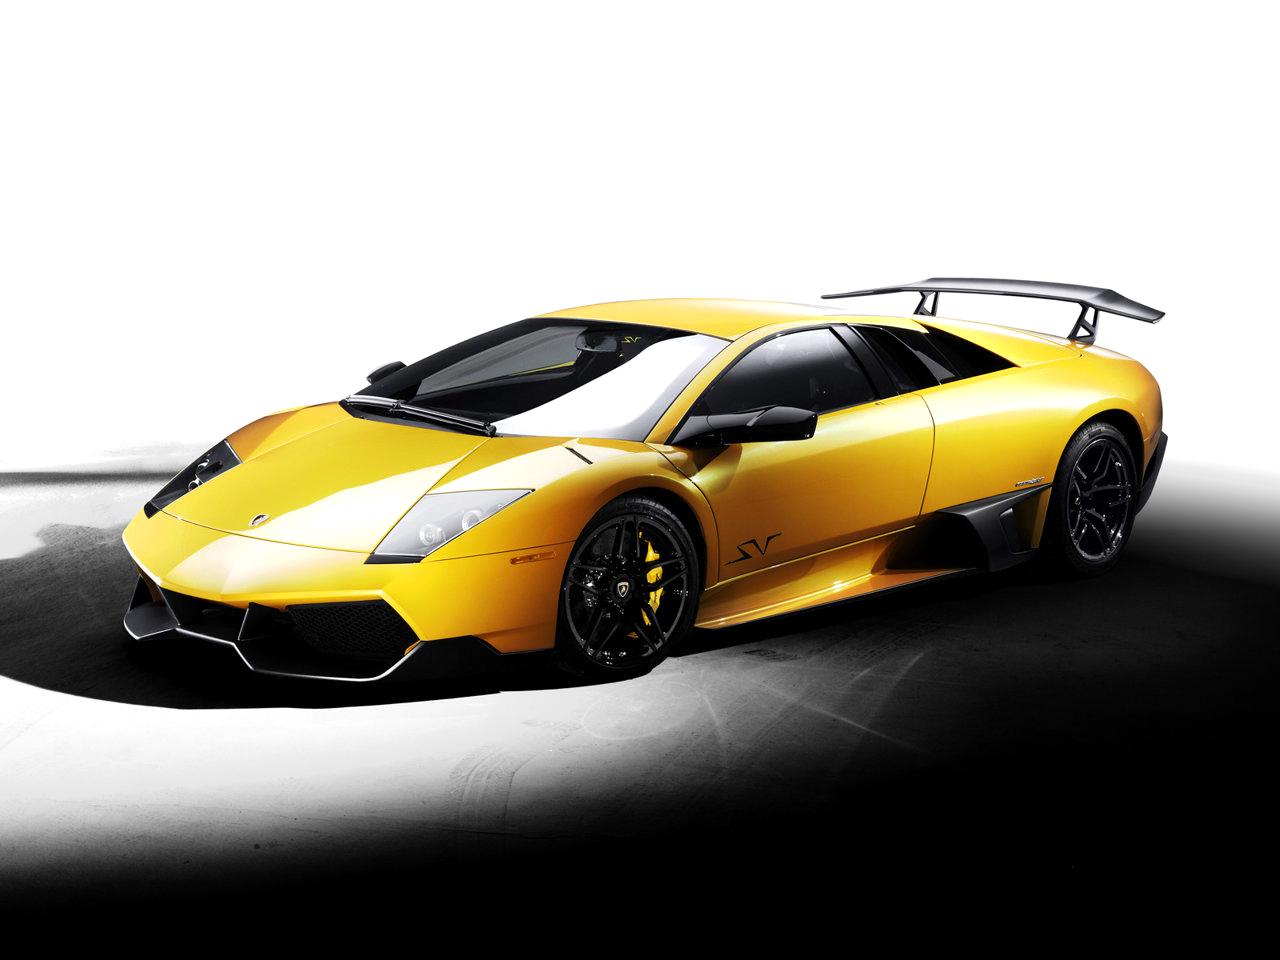 12490 скачать обои Транспорт, Машины, Ламборджини (Lamborghini) - заставки и картинки бесплатно